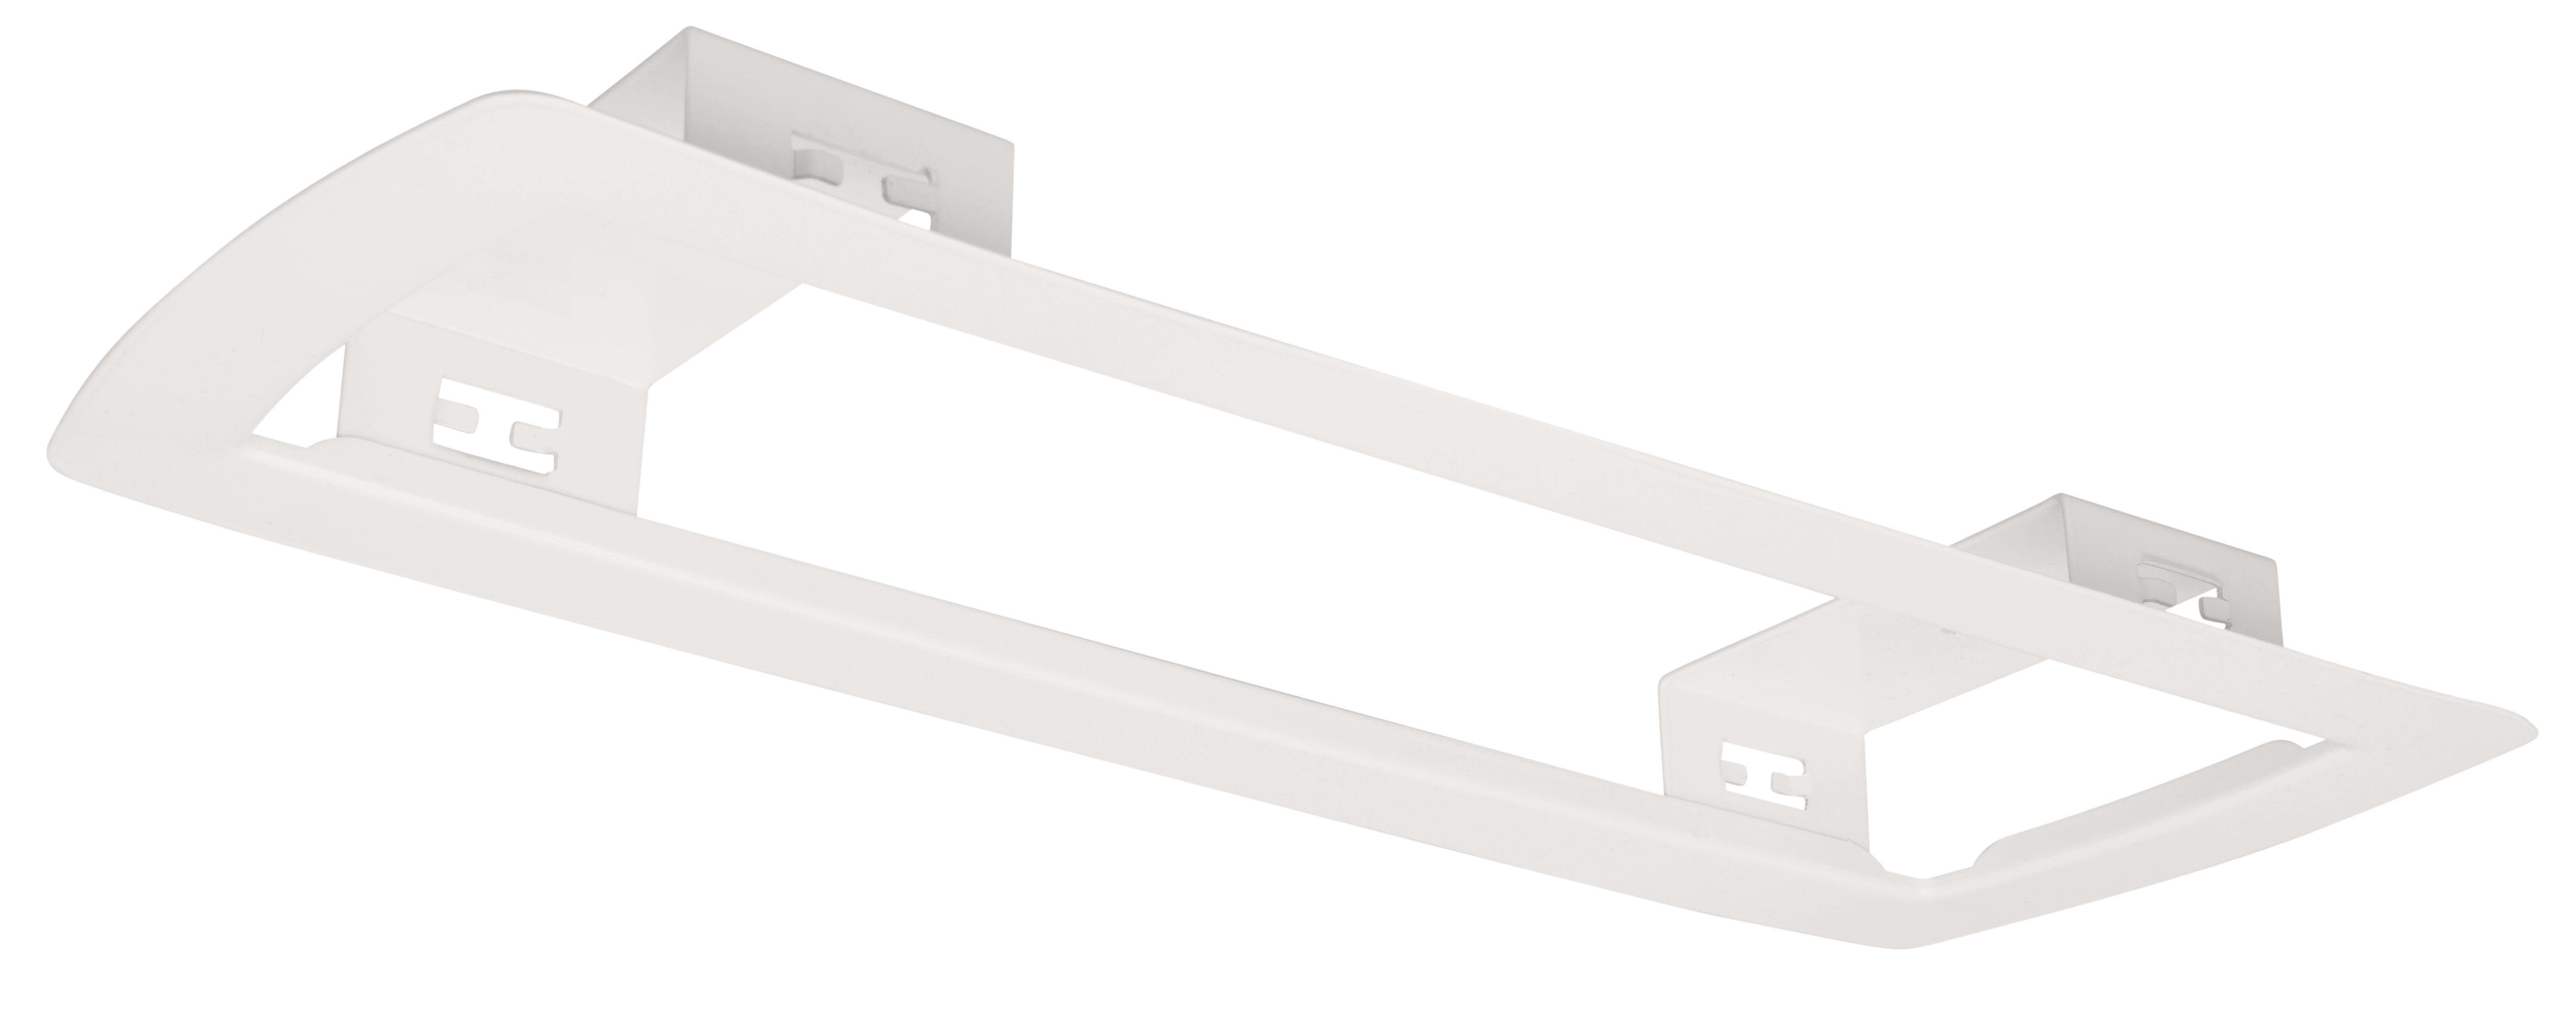 1 Stk Deckeneinbaurahmen weiß für Notleuchten Design K5 NLK5E-----